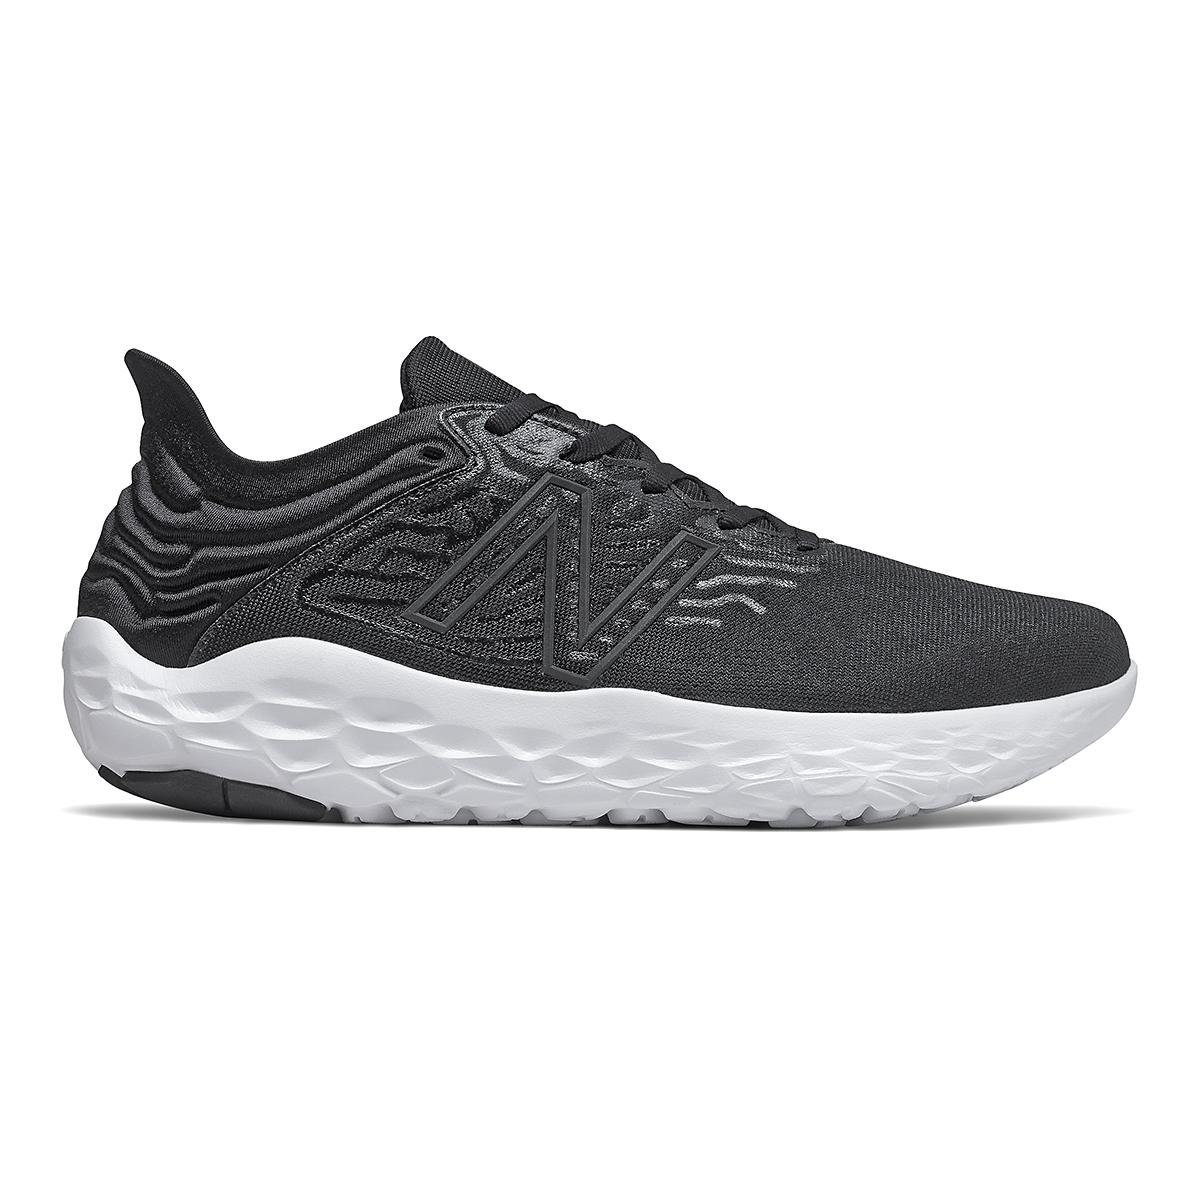 Men's New Balance Beacon V3 Running Shoe - Color: Black - Size: 8 - Width: Regular, Black, large, image 1